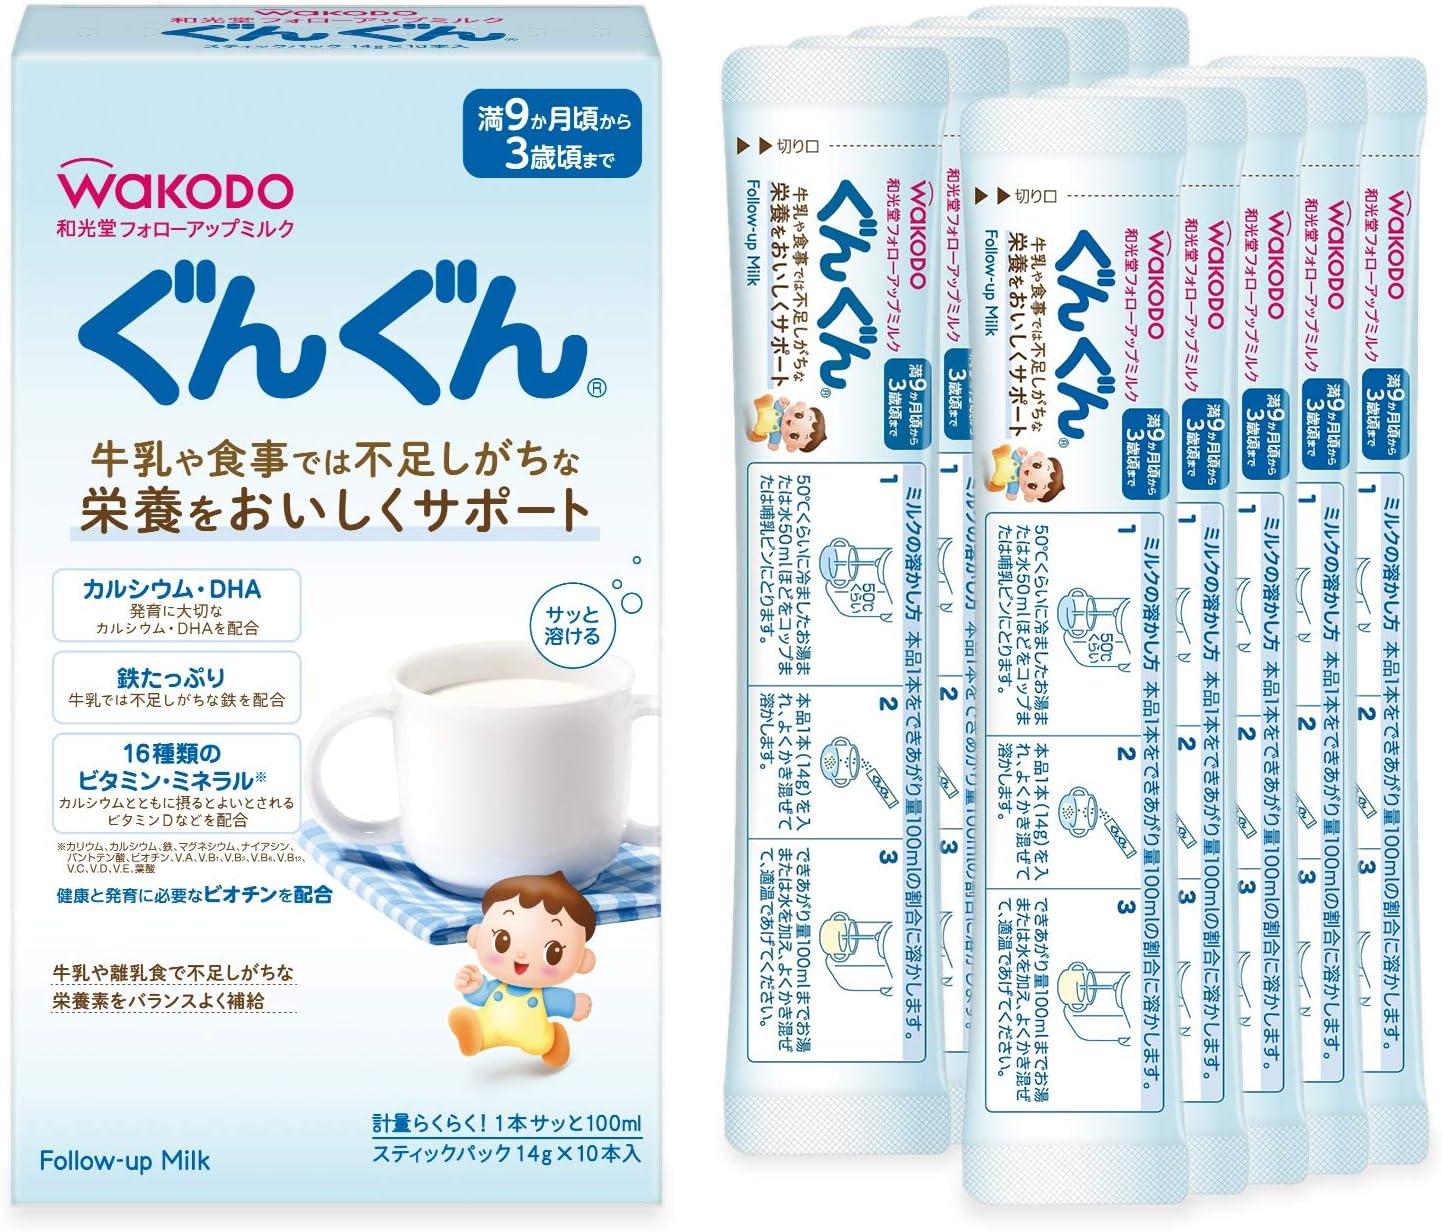 フォロー アップ ミルク と は フォローアップミルクとは何か?~通常の粉ミルクとの違いは?~